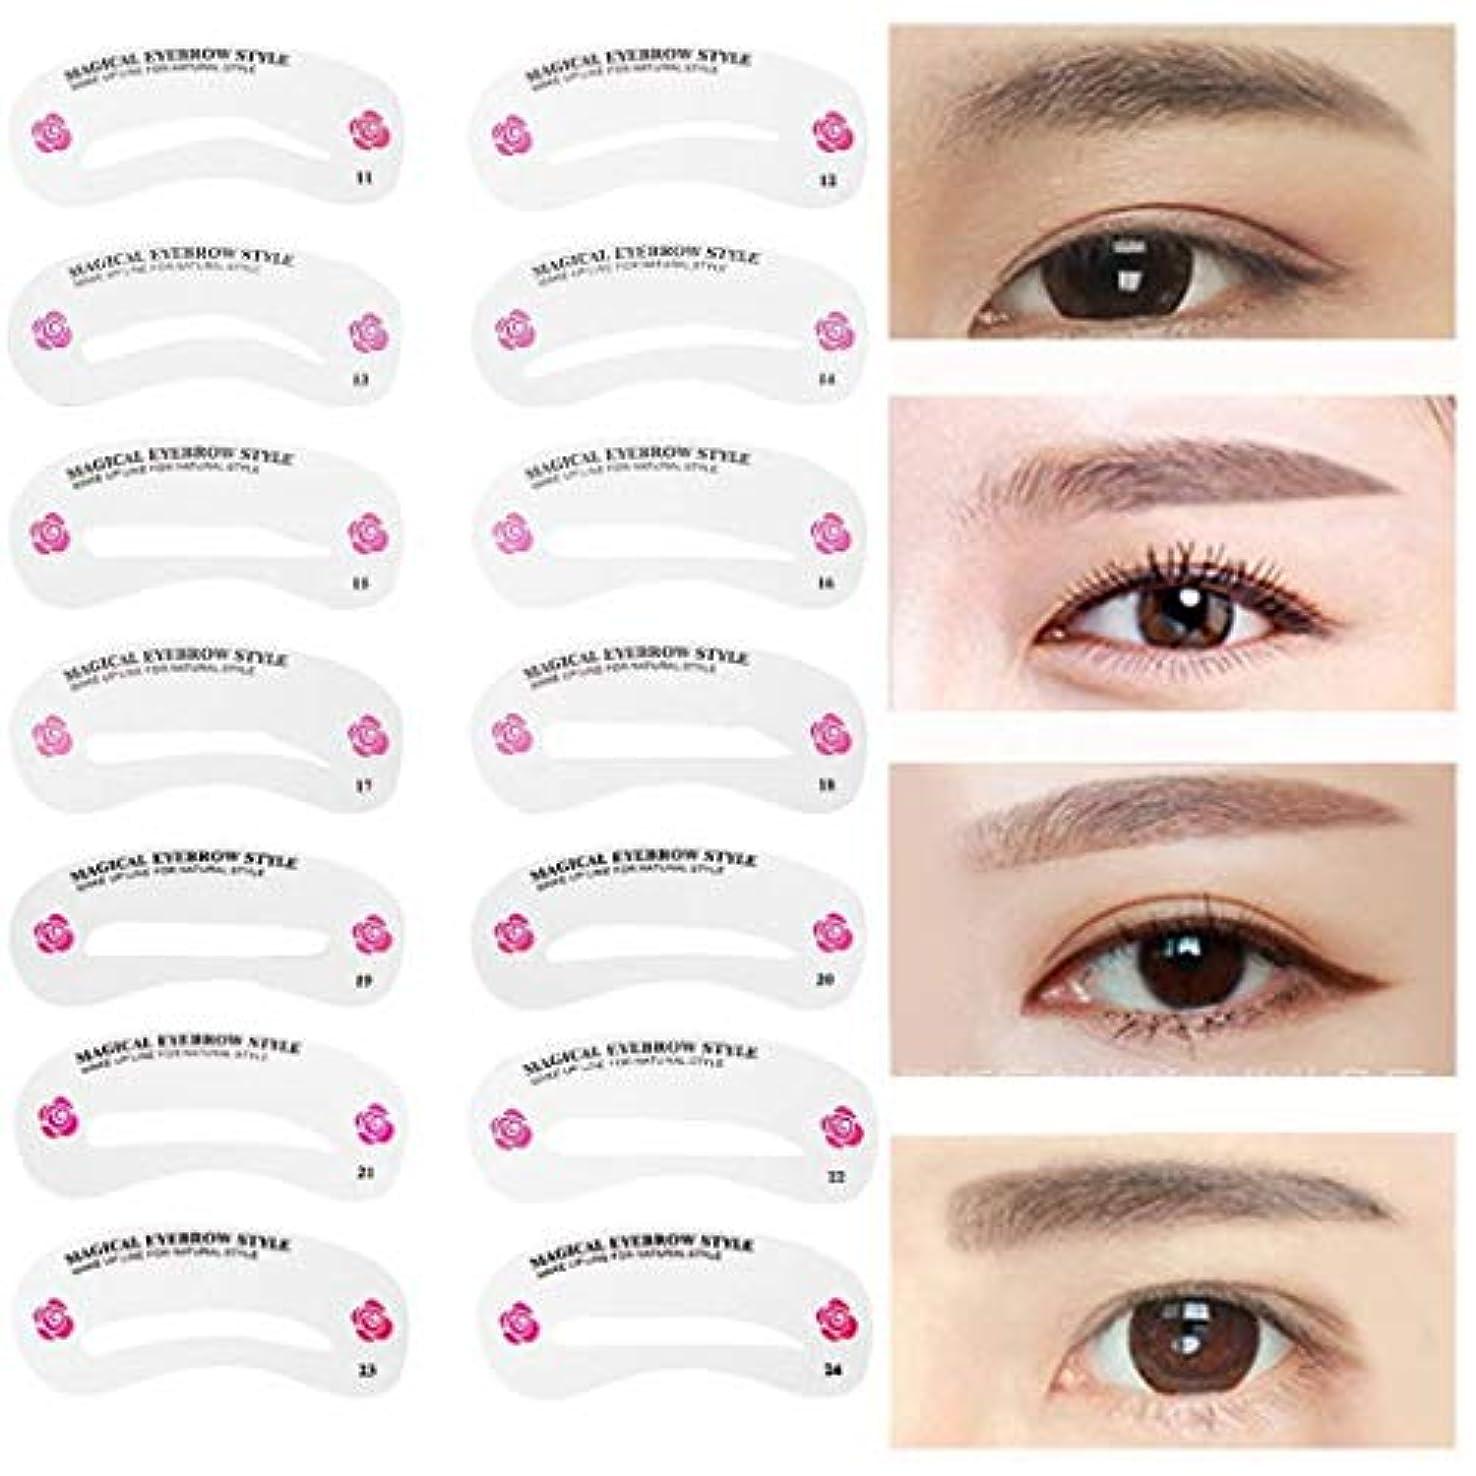 化石レギュラー南24種類 眉毛テンプレート24枚セット 太眉対応 24パターン 眉毛を気分で使い分け 眉用ステンシル